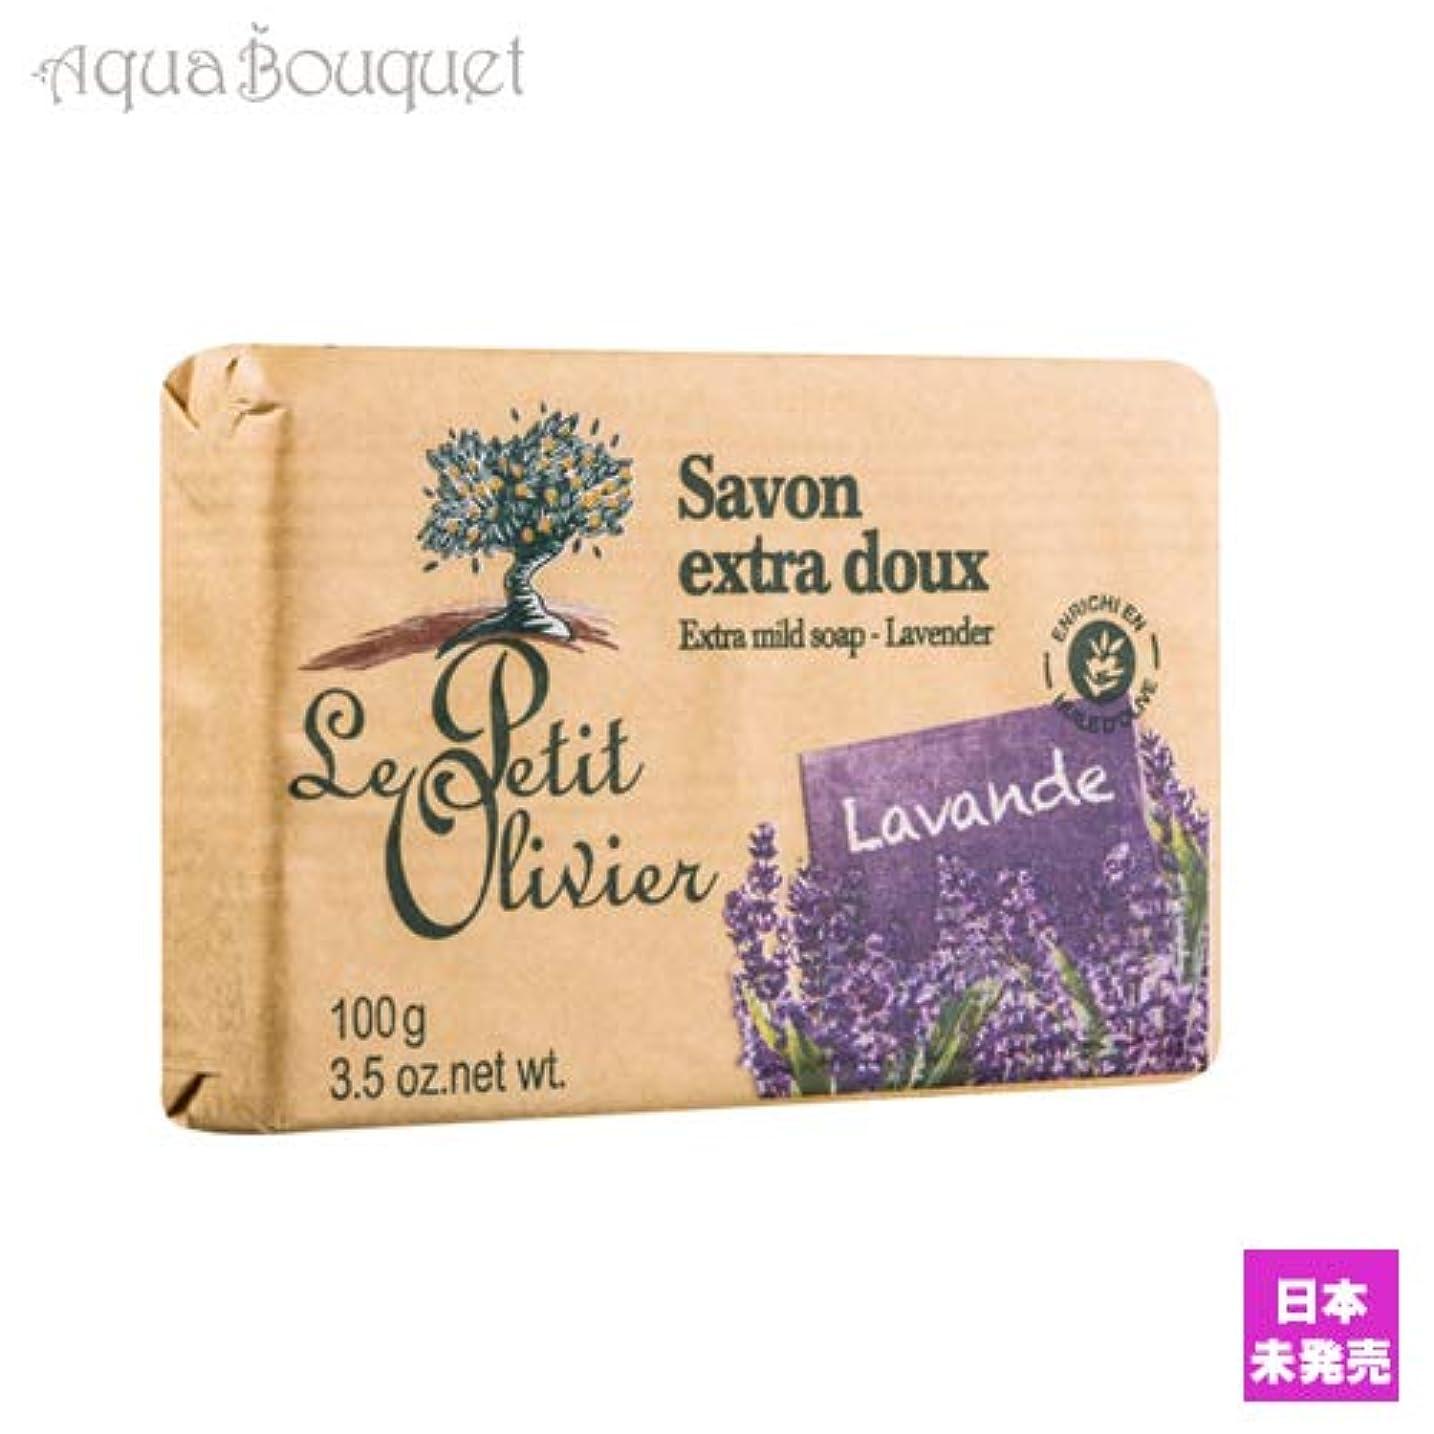 石鹸謝罪する人種ル プティ オリヴィエ ラベンダー ソープ 100g LE PETIT OLIVIER SOAP LAVENDER [5325] [並行輸入品]